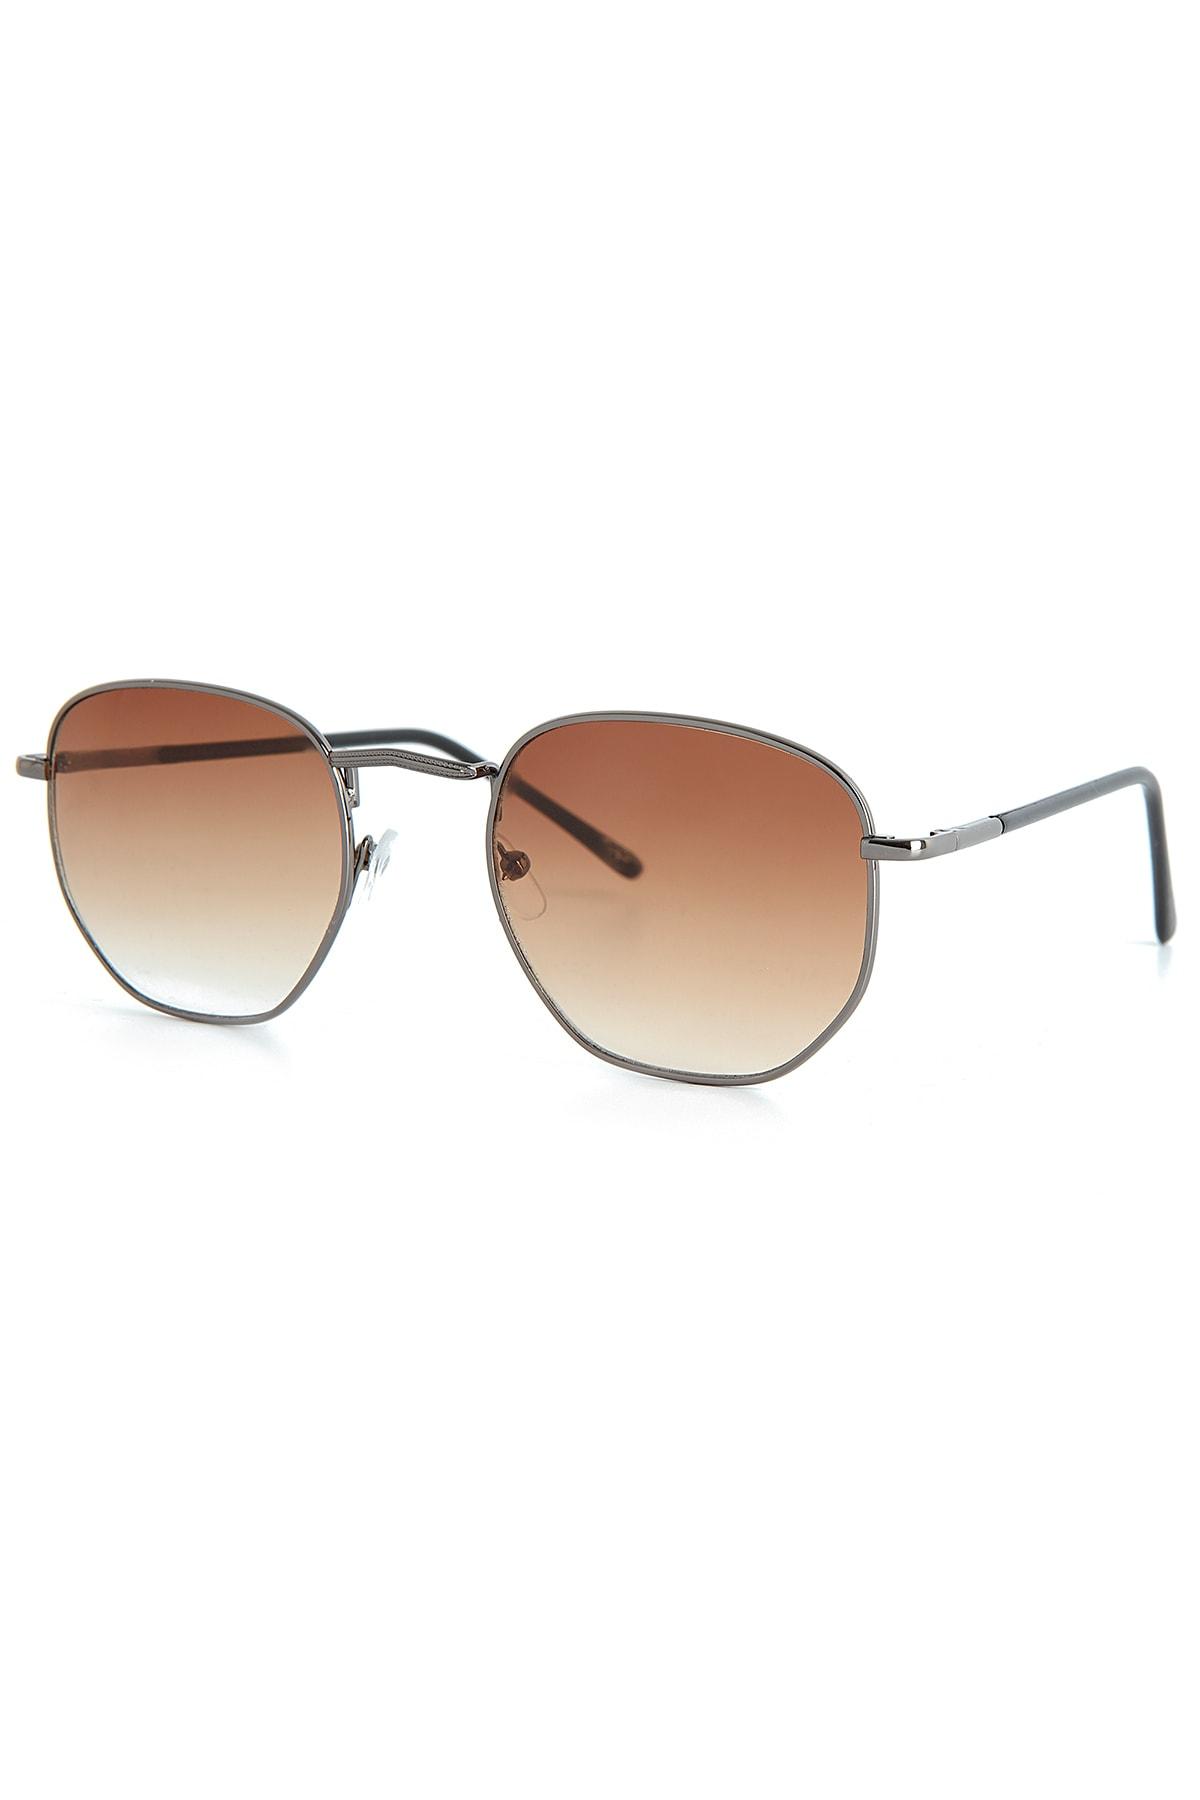 عینک آفتابی مردانه فانتزی برند Aqua Di Polo 1987 رنگ نقره ای کد ty96224861